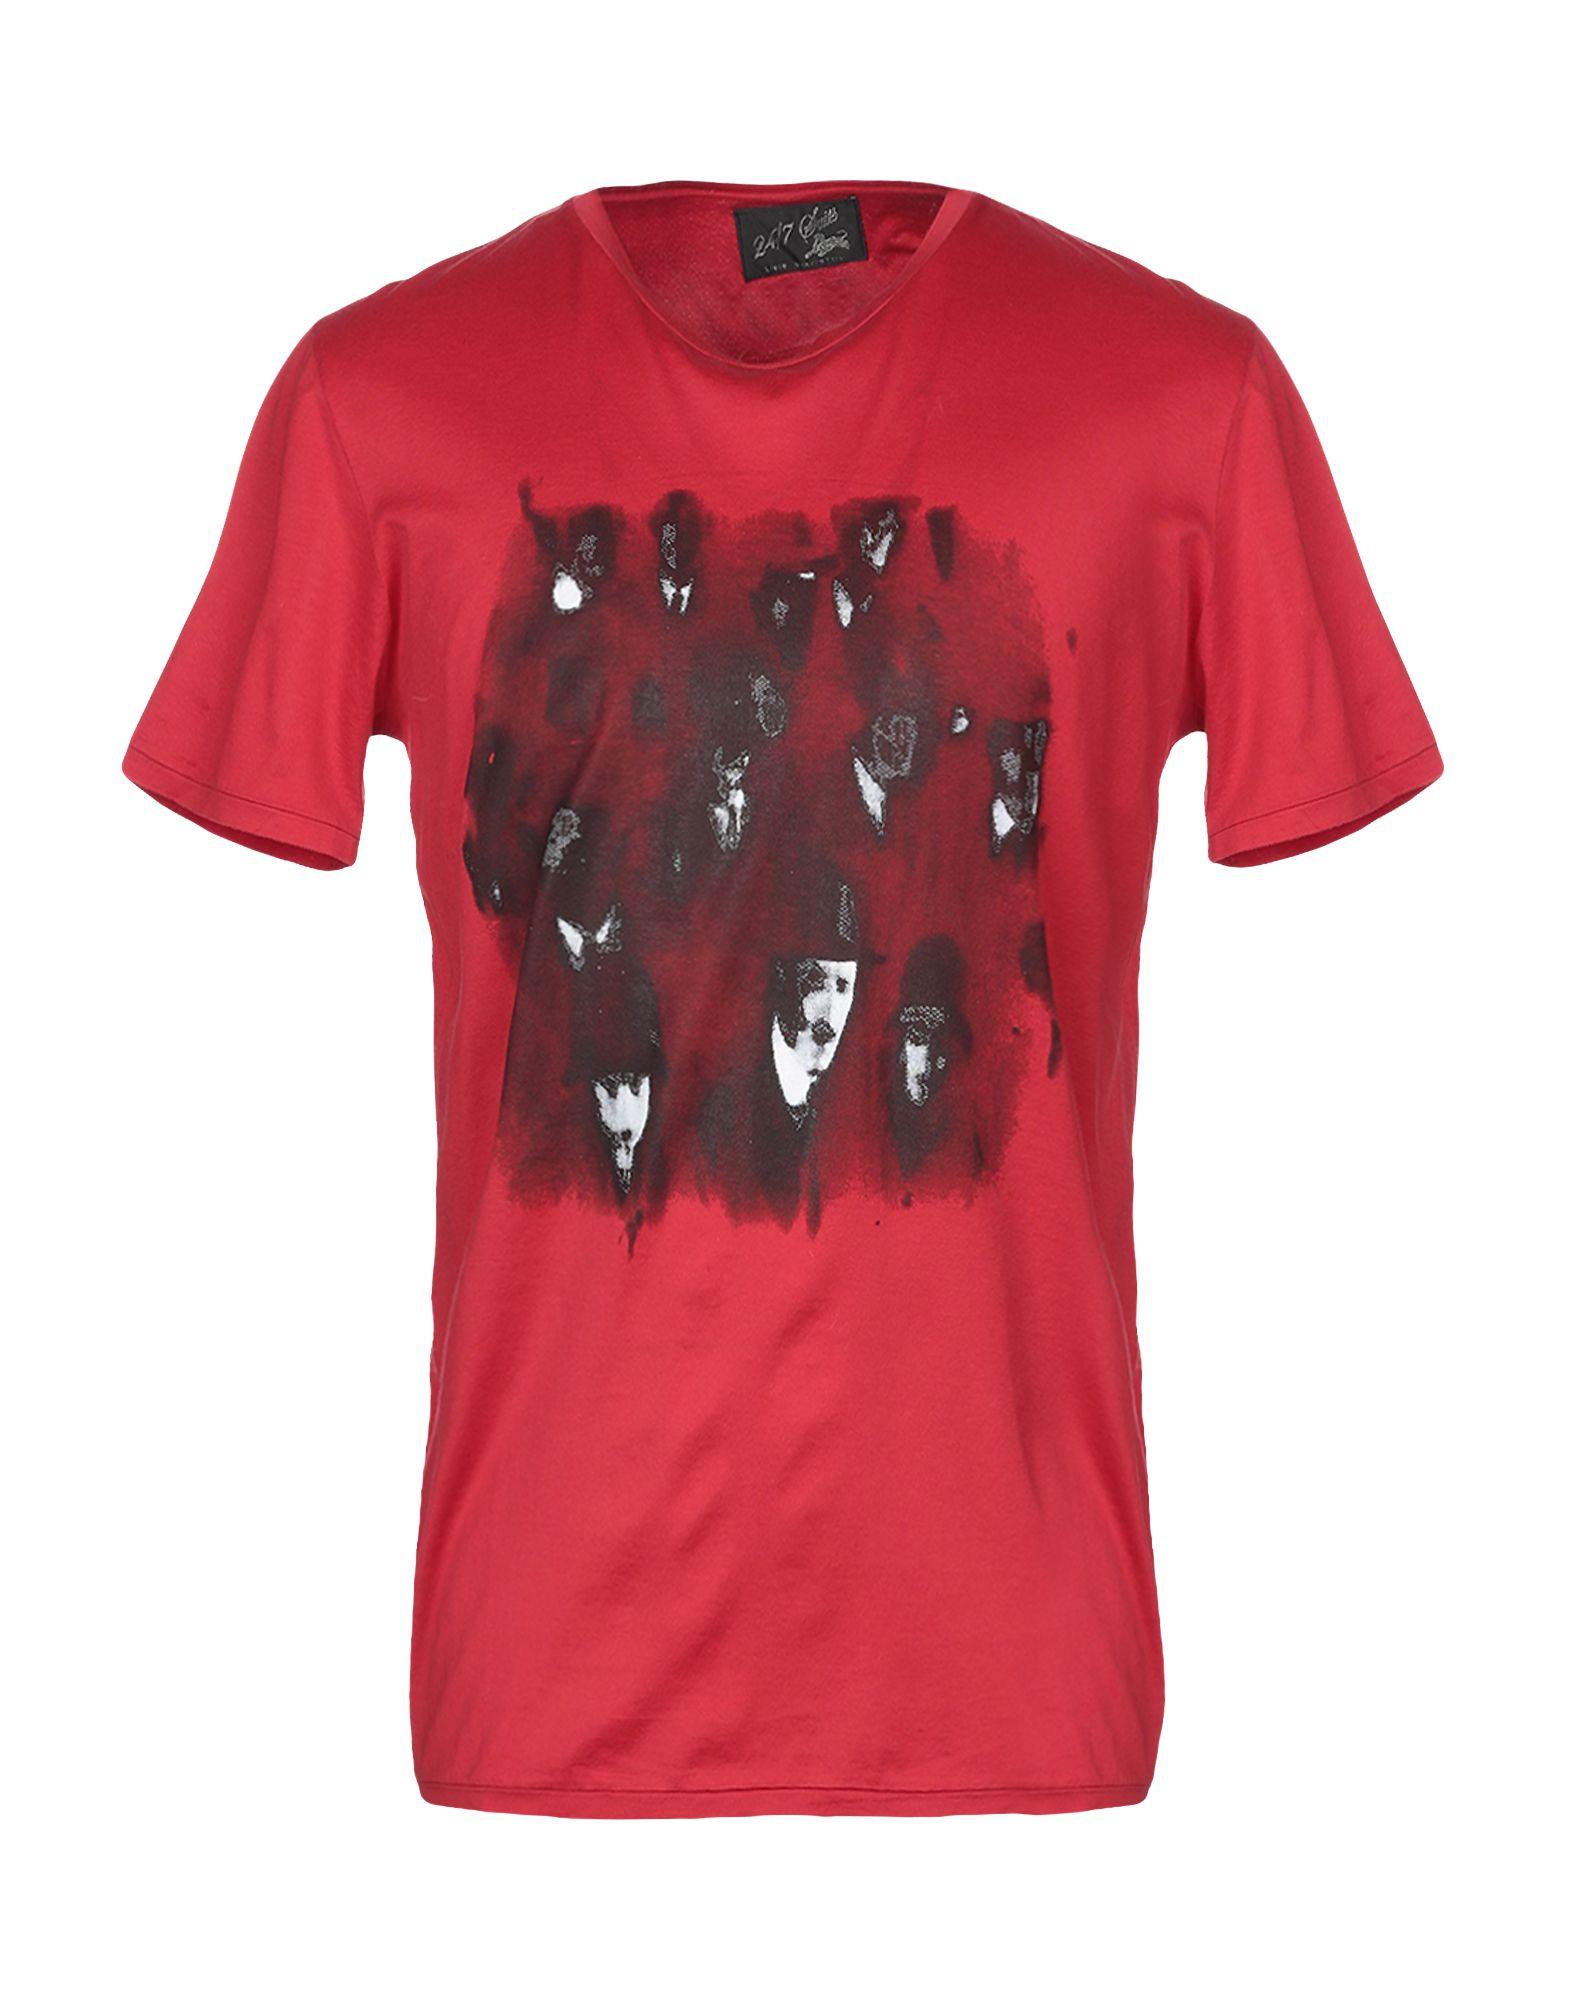 T-Shirt 24 7 Suits uomo - - 12312117LN  faire Preise